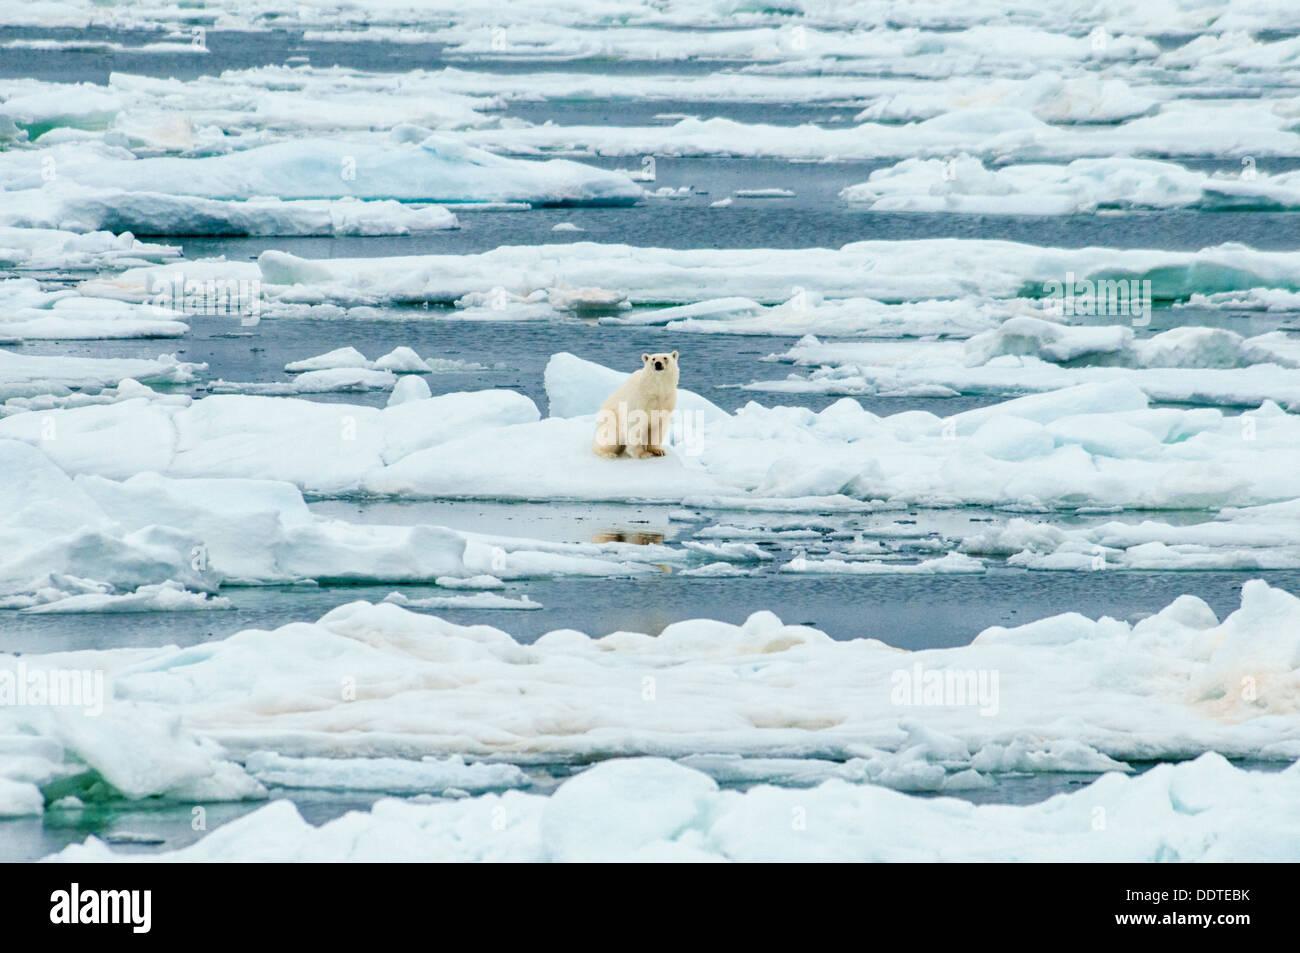 L'ours blanc, Ursus maritimus, assis sur de la glace fondante, Olgastretet la banquise, archipel du Svalbard, Norvège Photo Stock